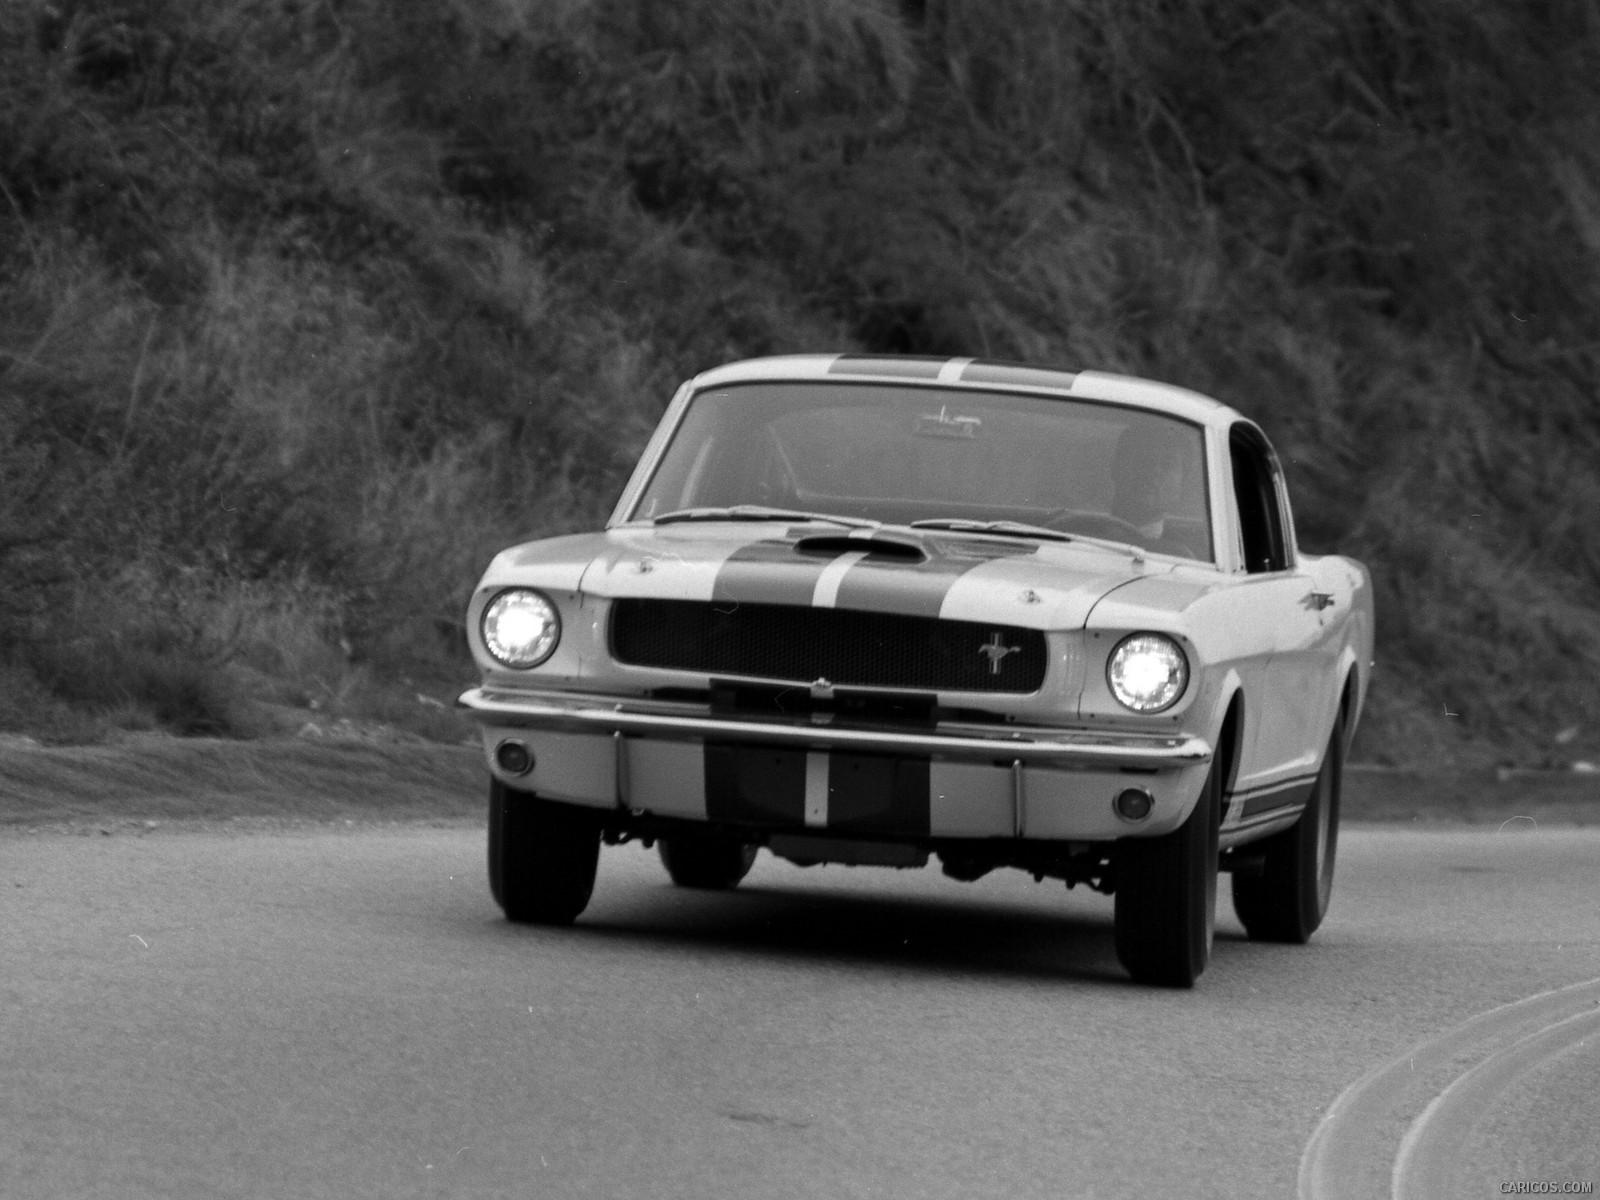 Ford Mustang Shelby GT350 görseller